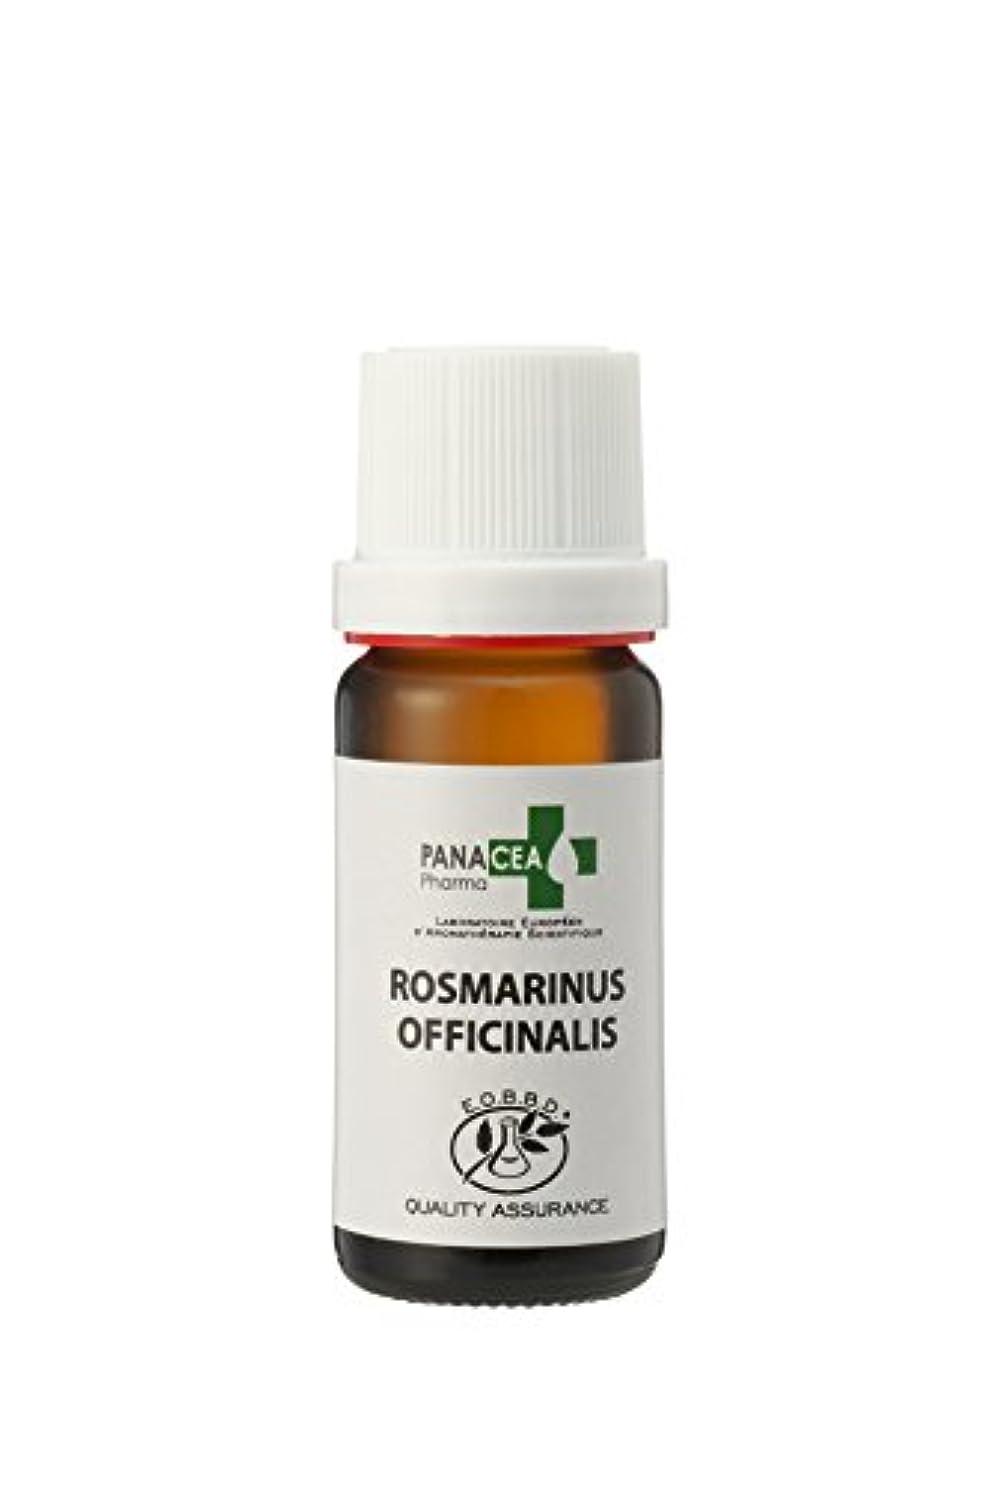 発表意図する挽くローズマリー シネオール (Rosmarinus officinalis) 10ml エッセンシャルオイル PANACEA PHARMA パナセア ファルマ